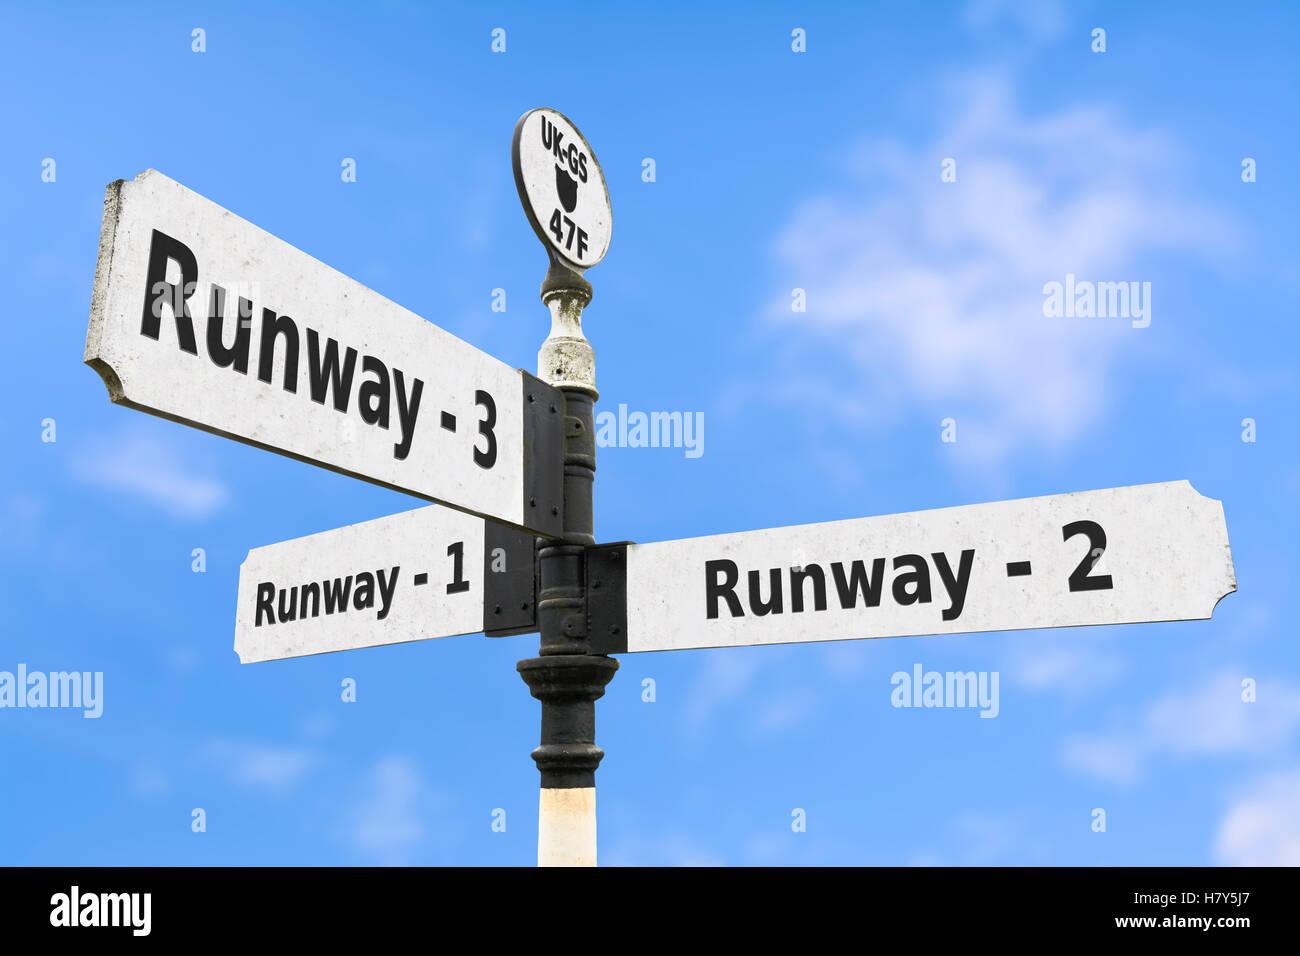 La expansión de las pistas del aeropuerto concepto signo. Imagen De Stock